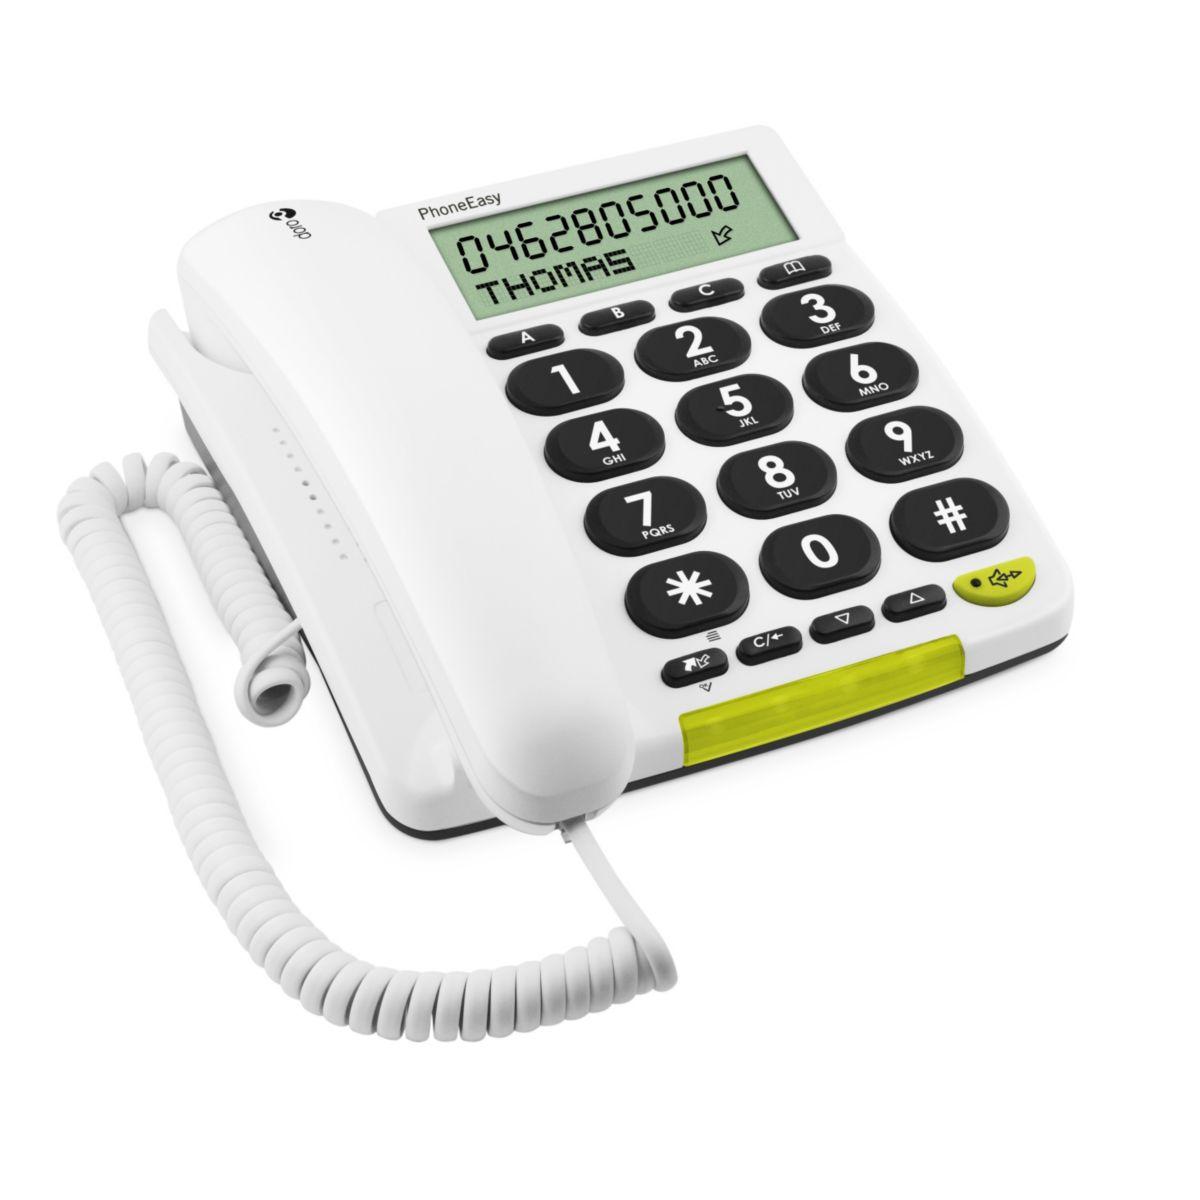 Téléphone filaire doro phone easy 312cs blanc - 5% de remise immédiate avec le code : wd5 (photo)